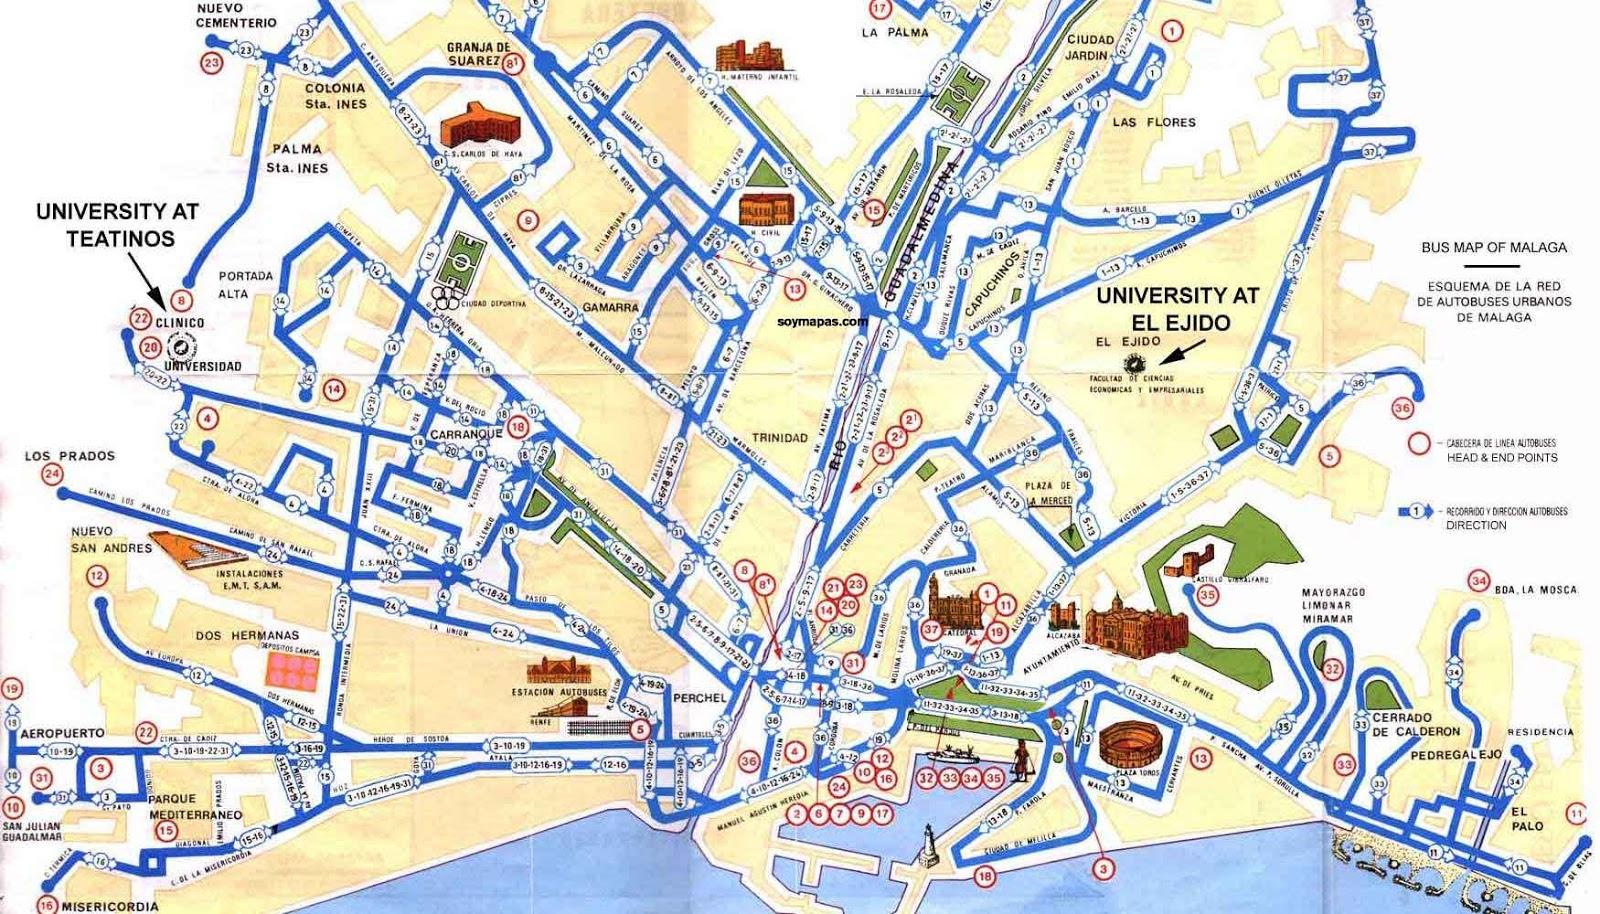 Mapa Callejero De Malaga.El Ceibo Blog De Primero B Callejero O Plano Del Centro De Malaga